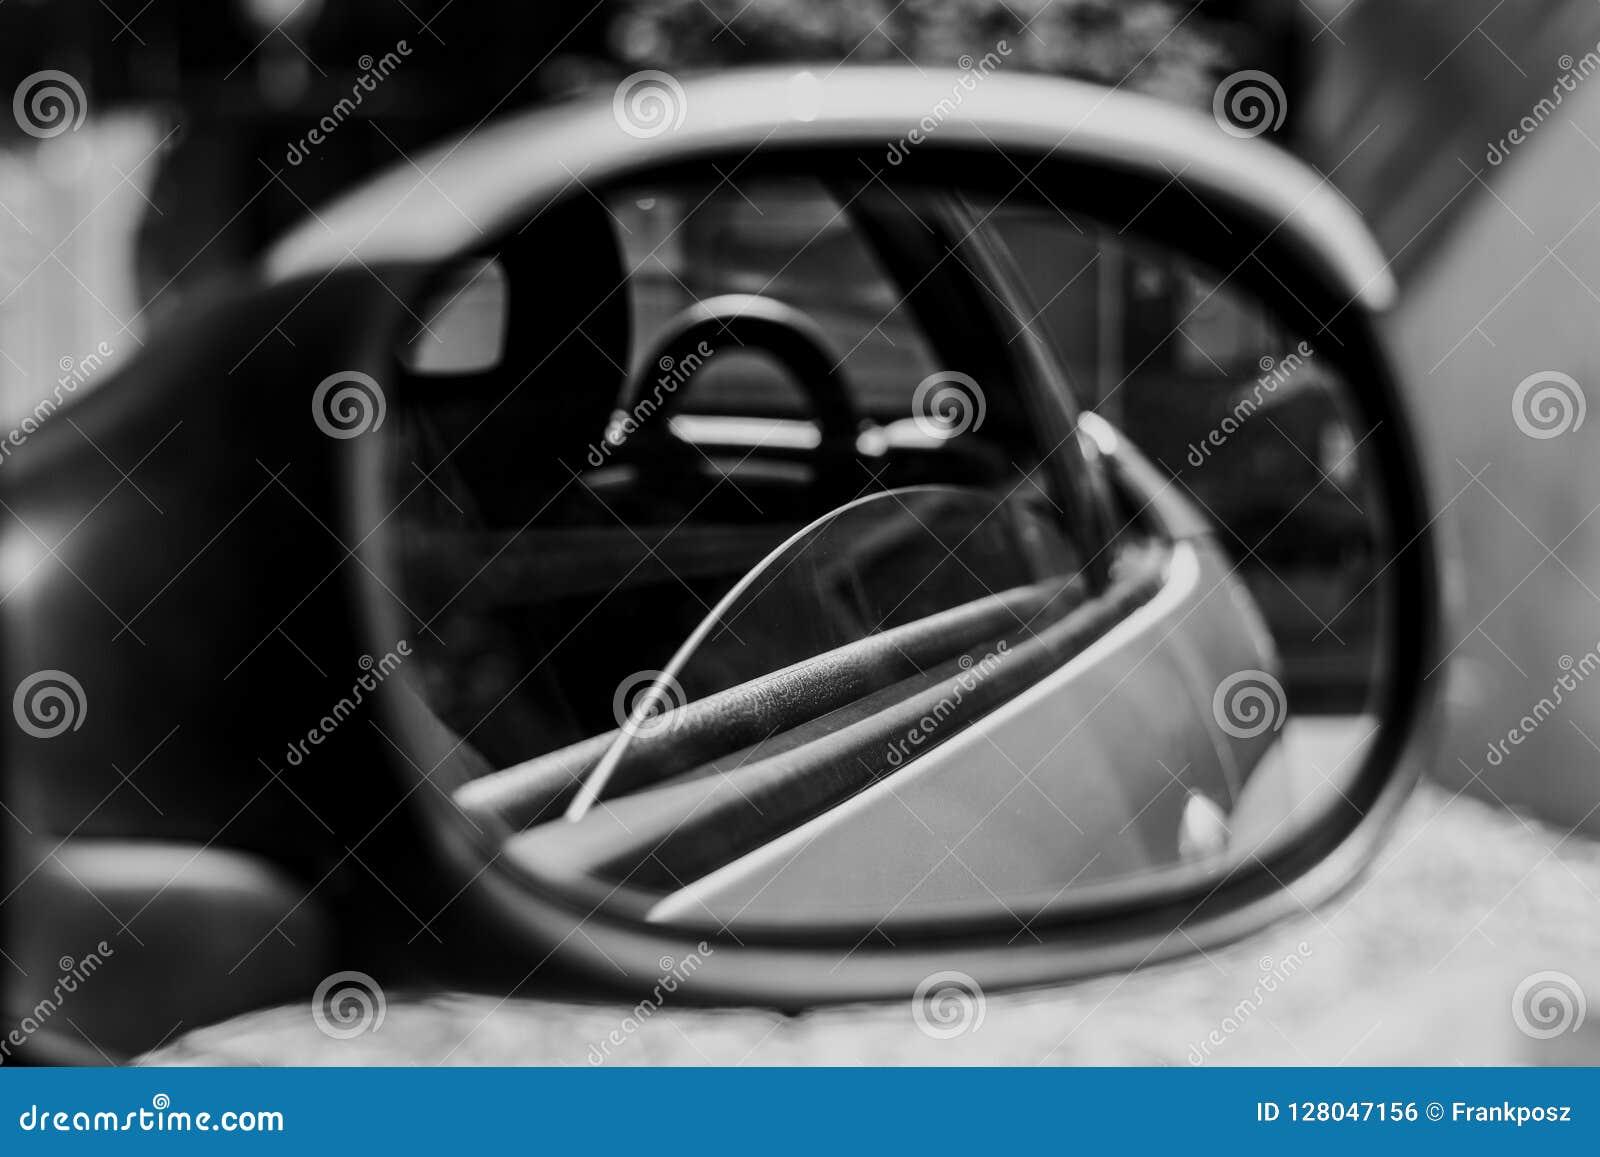 Μπροστινό δικαίωμα καθρεφτών αυτοκινήτων